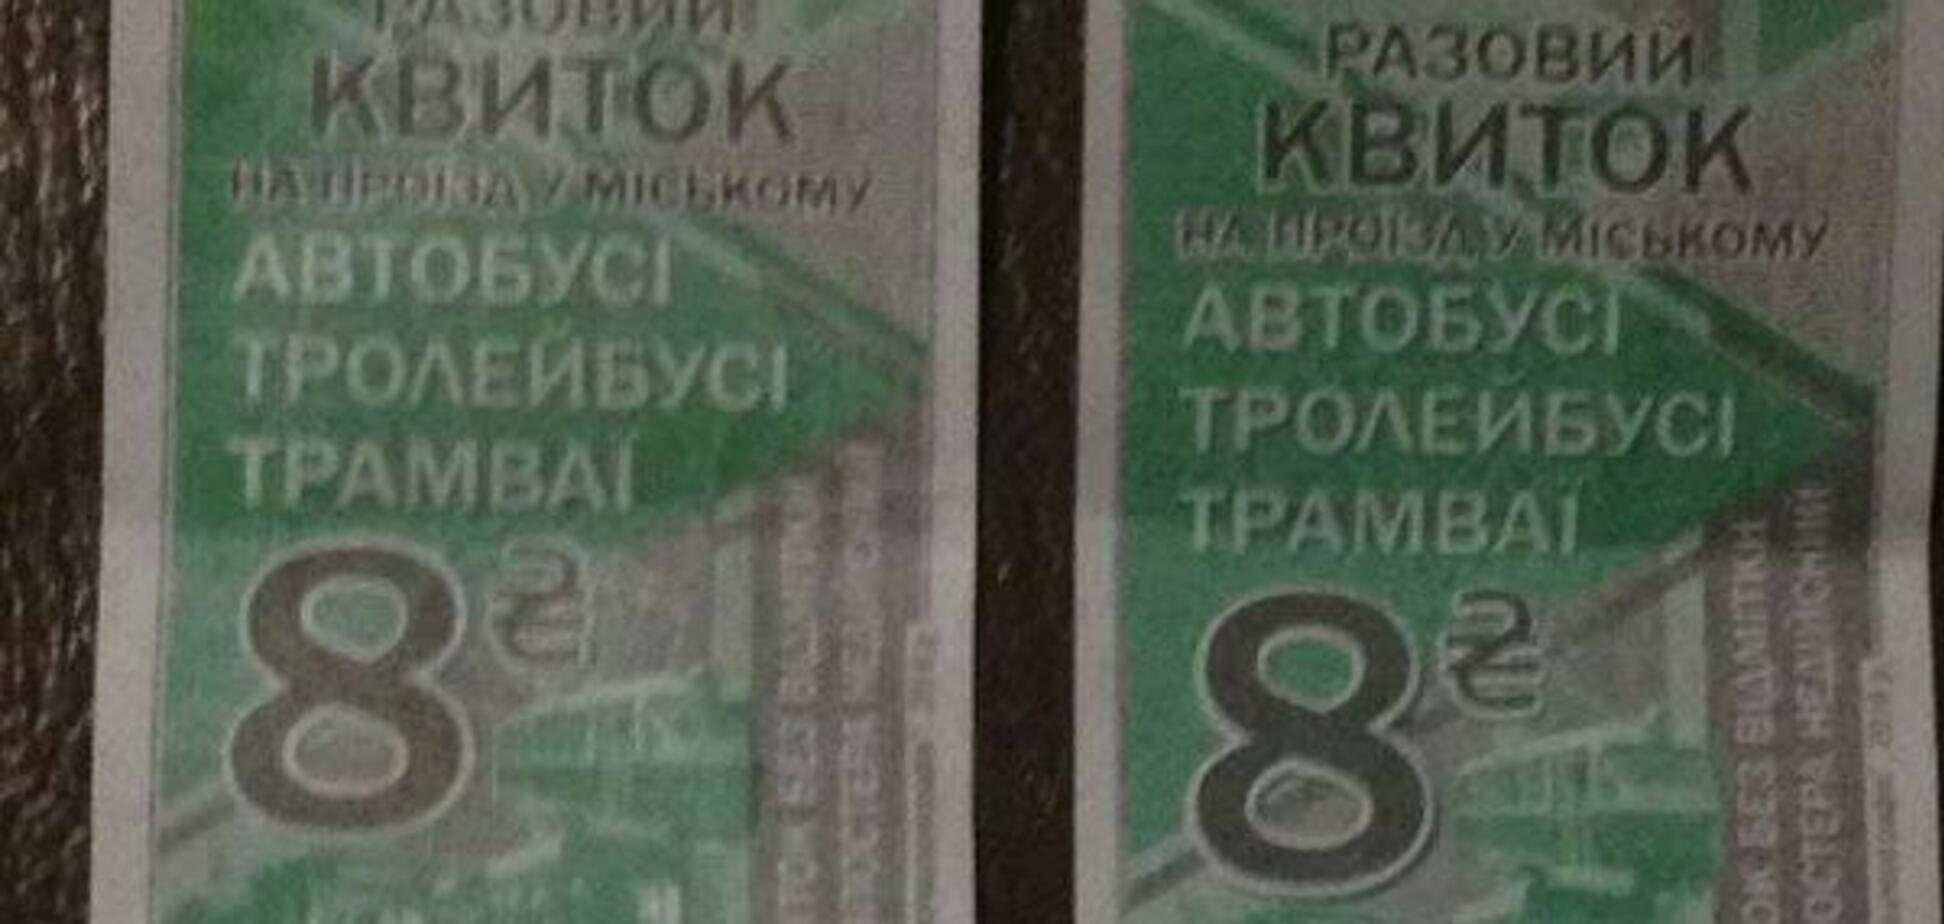 ''Каждый выжить хочет'': в Киеве обманывают пассажиров общественного транспорта